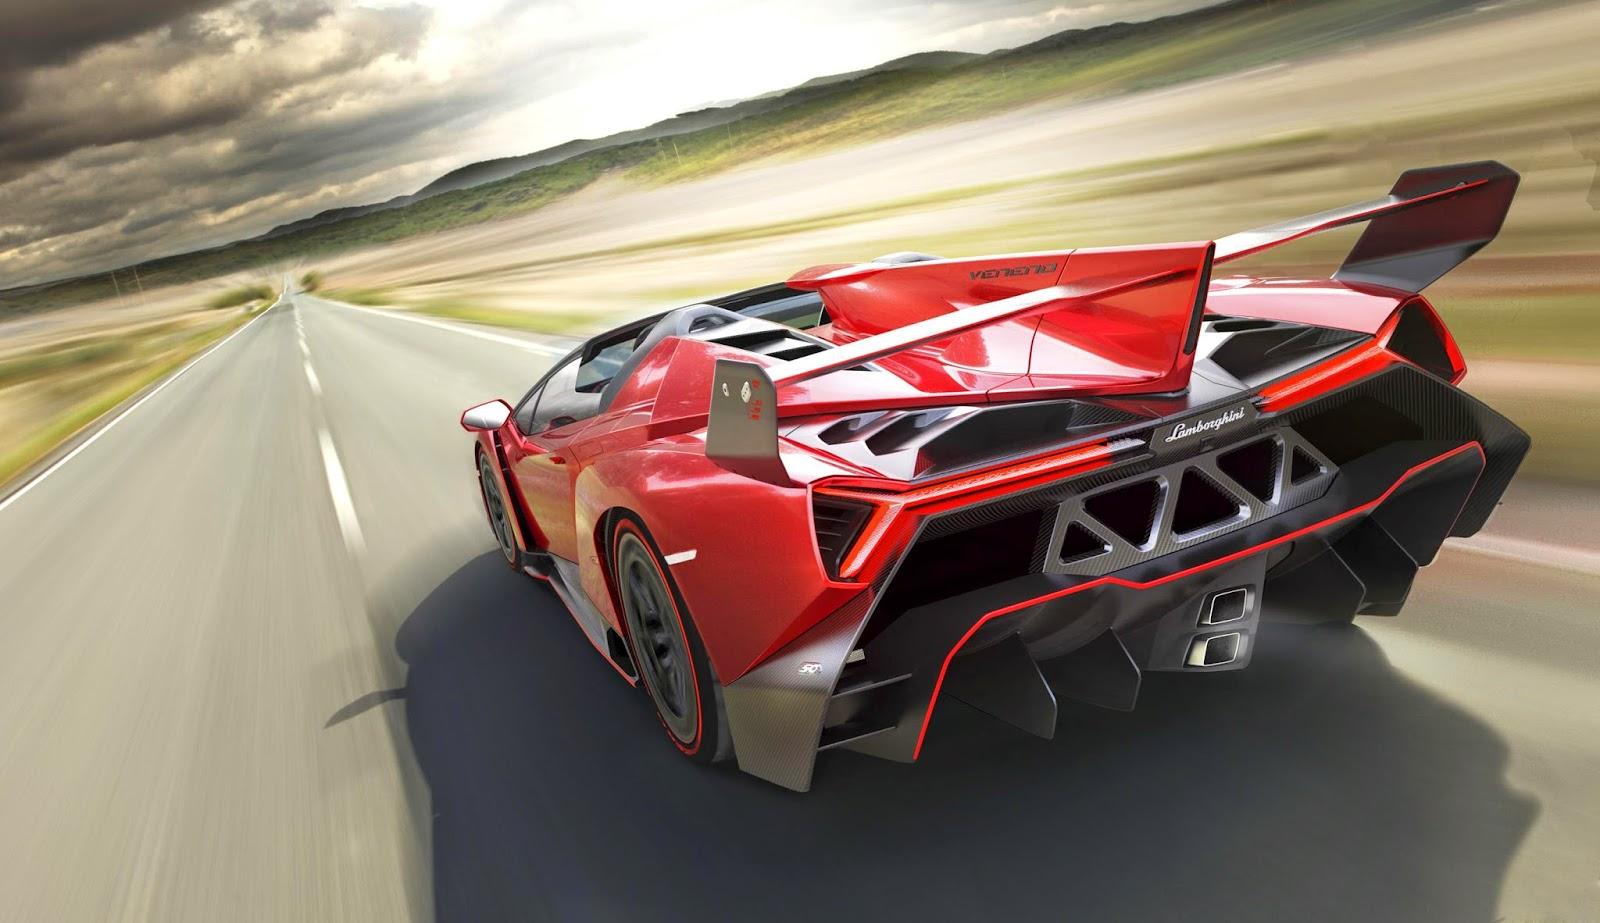 Lamborghini Τα 10 ακριβότερα αυτοκίνητα στον κόσμο hypercar, supercars